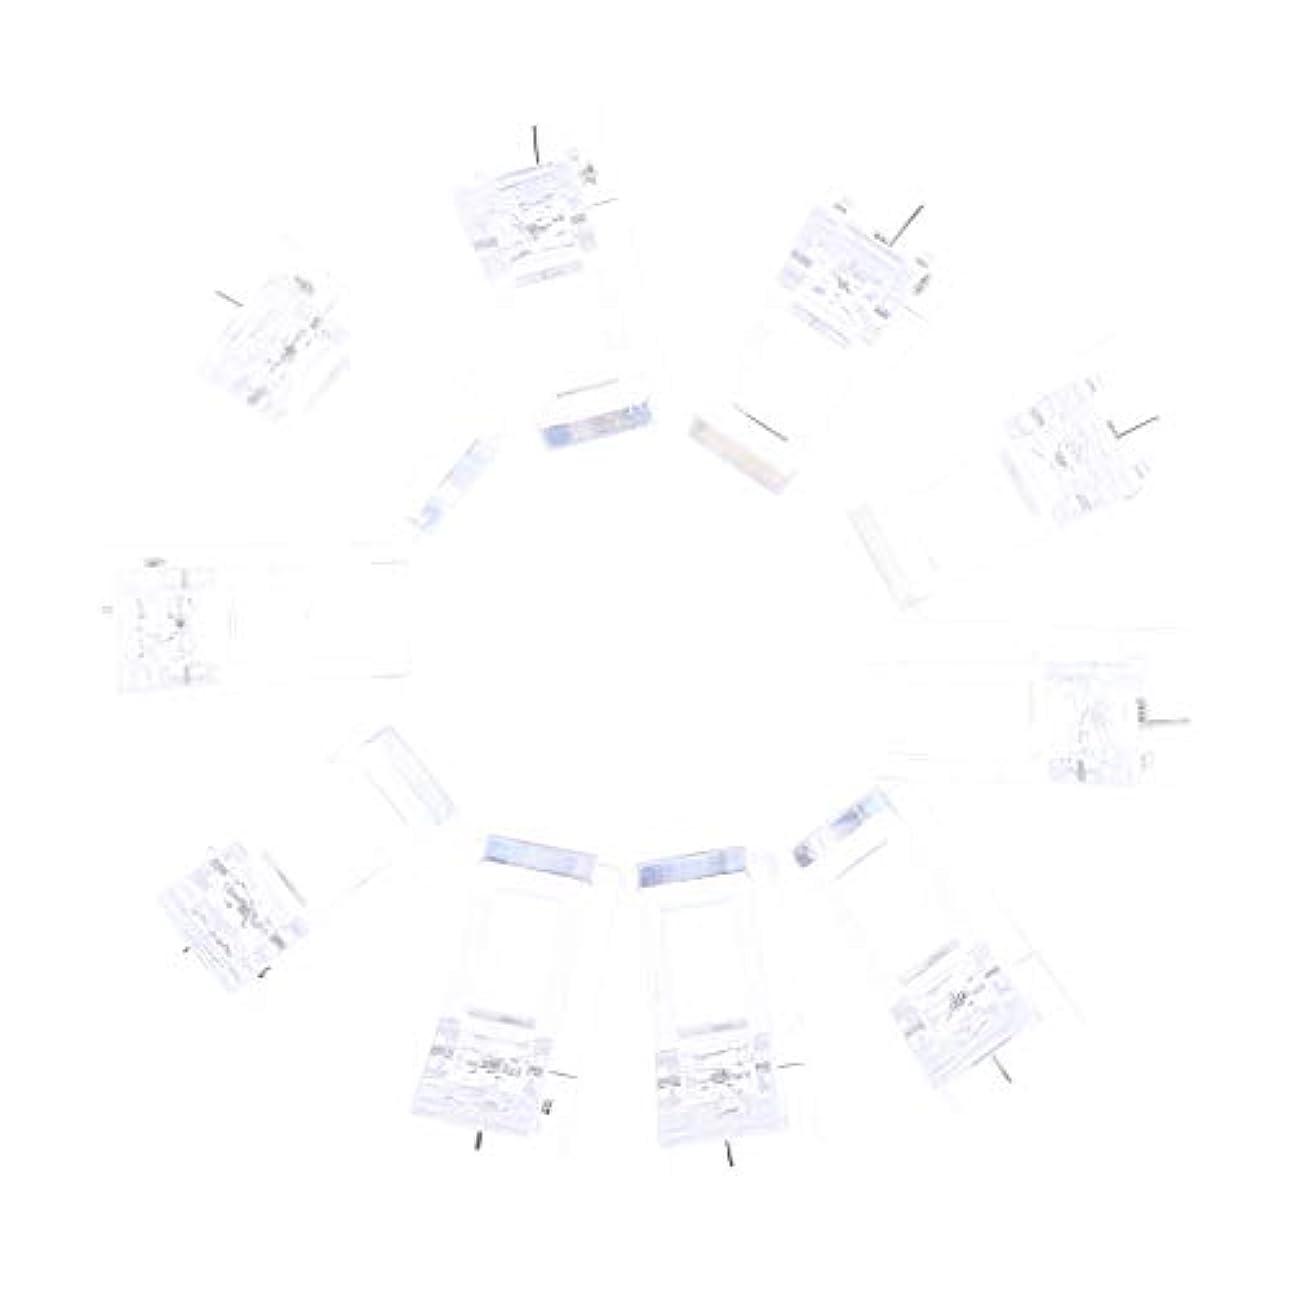 ミント反応するIPOTCH 10個セット ジェルネイル エクステンションクリップ ネイルチップ用 プラスチック クリップ